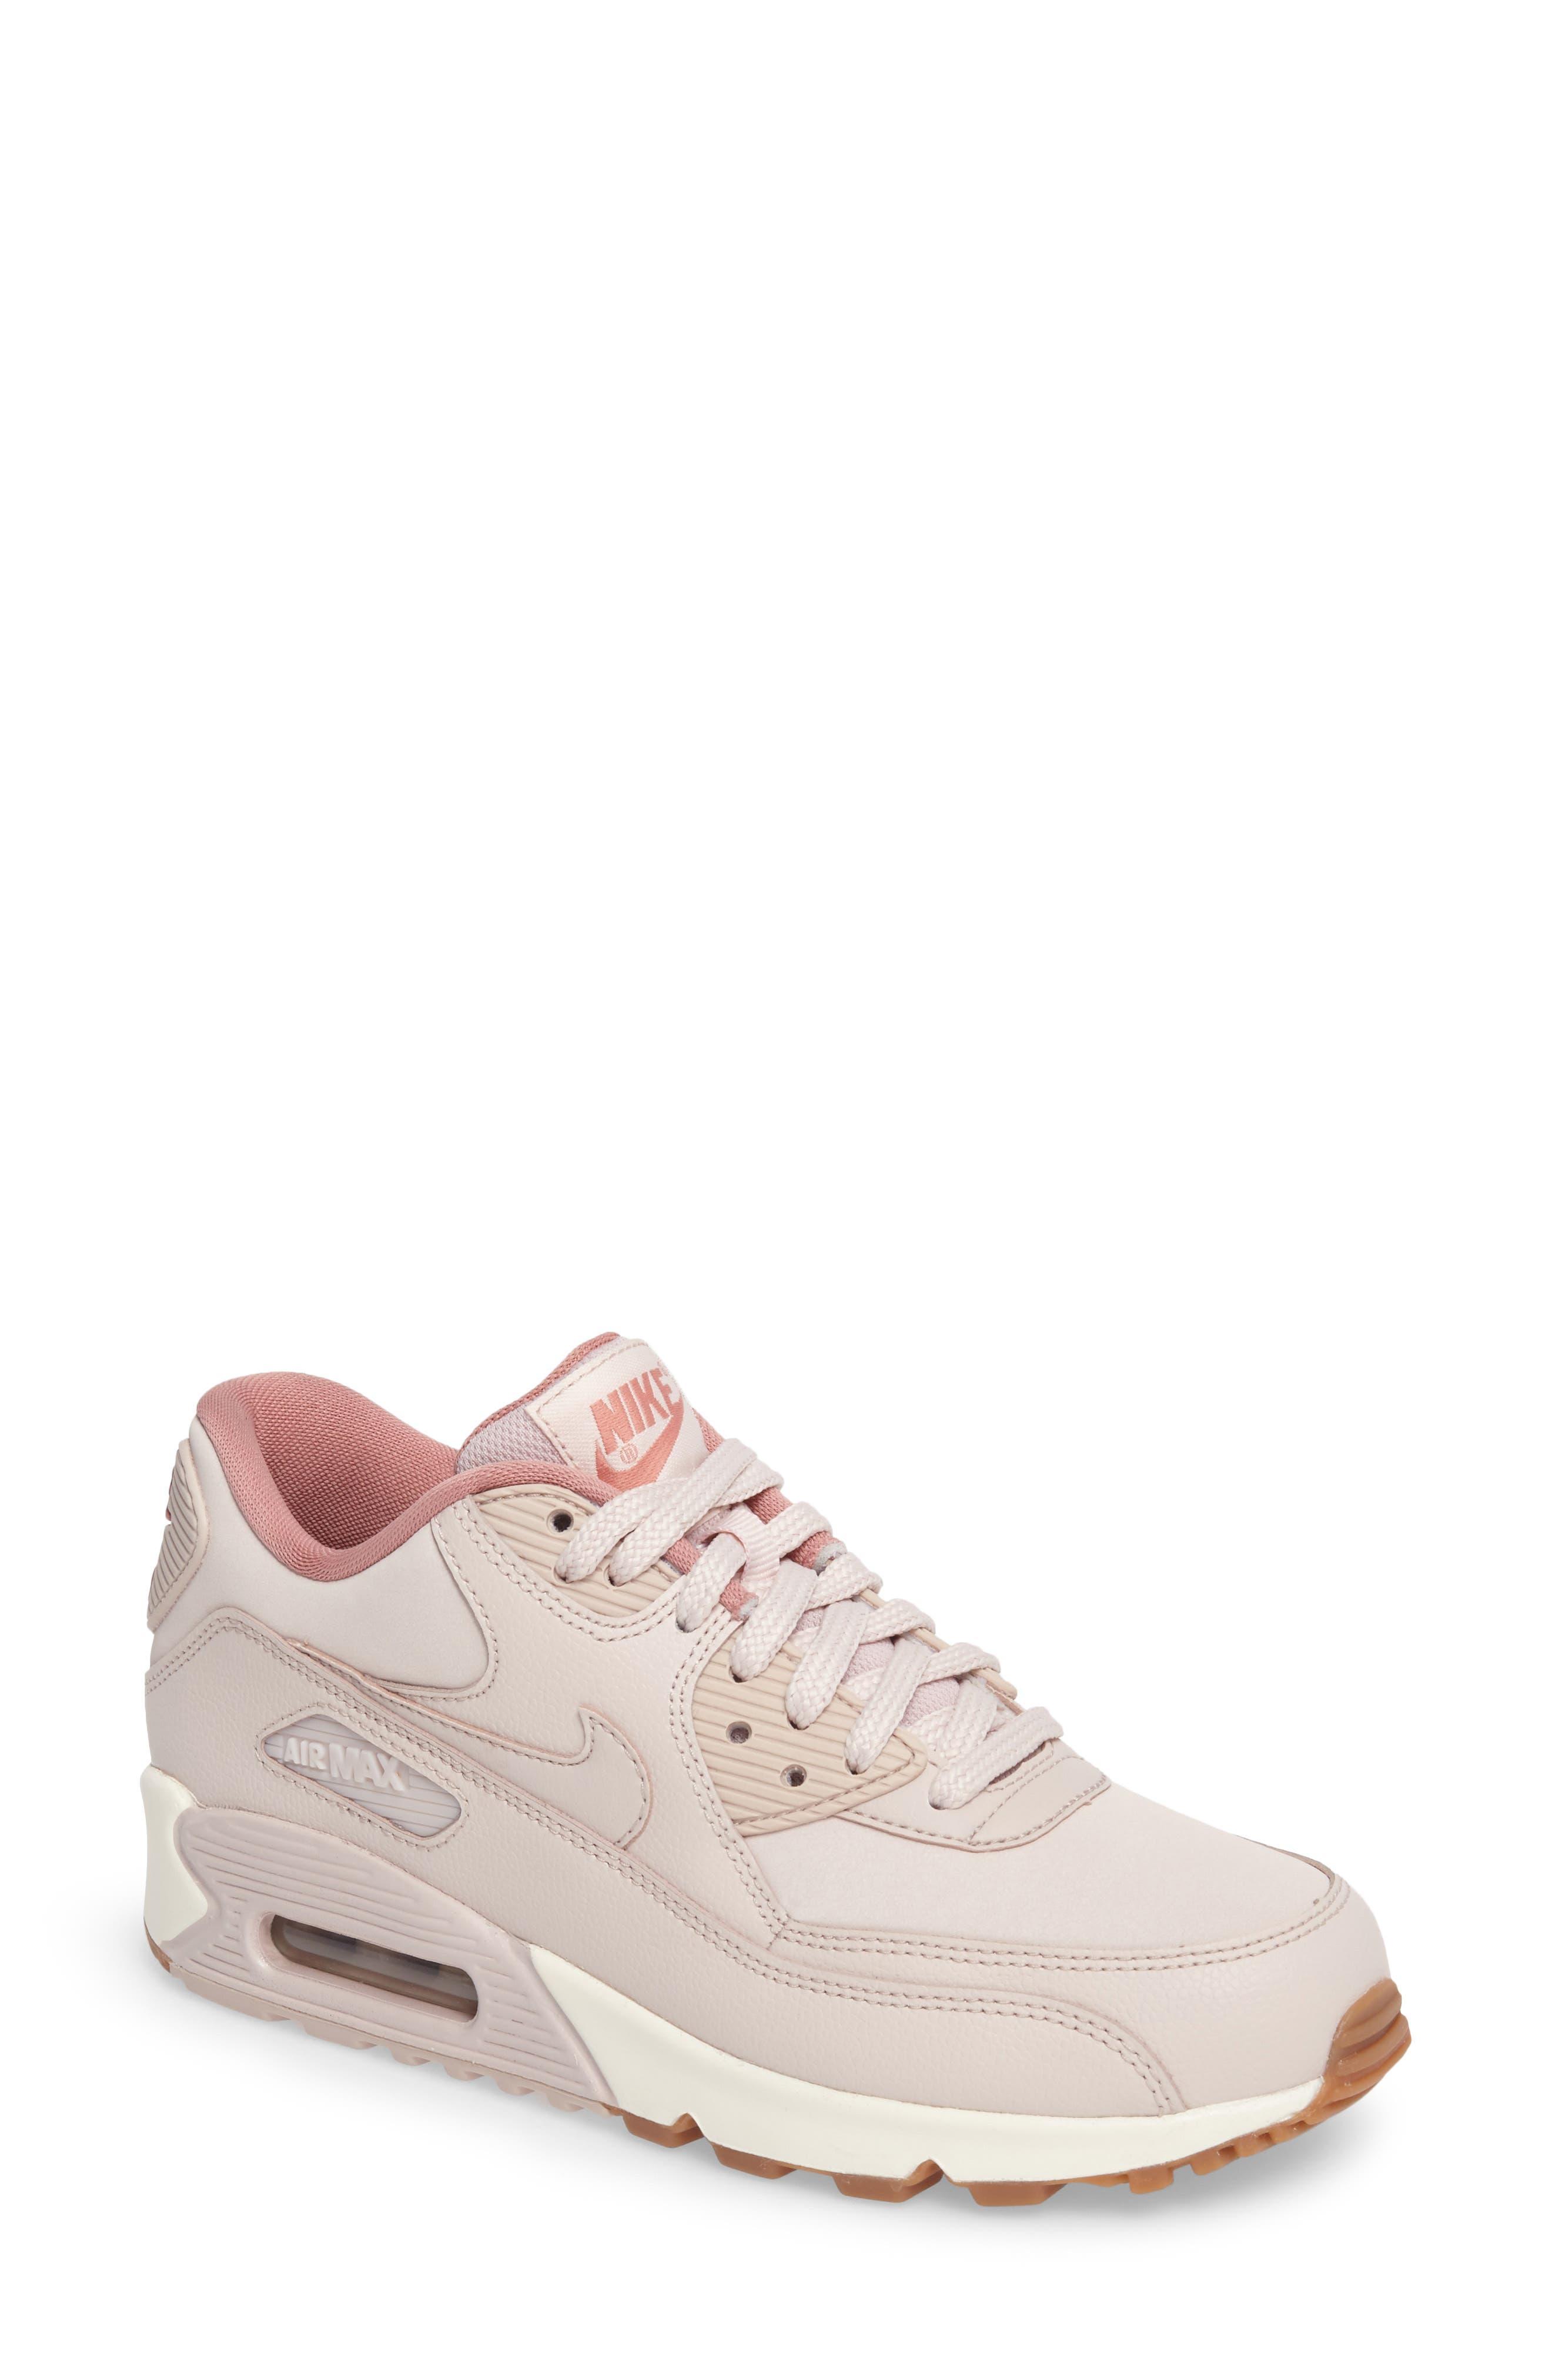 Nike Air Max 90 Sneaker (Women)